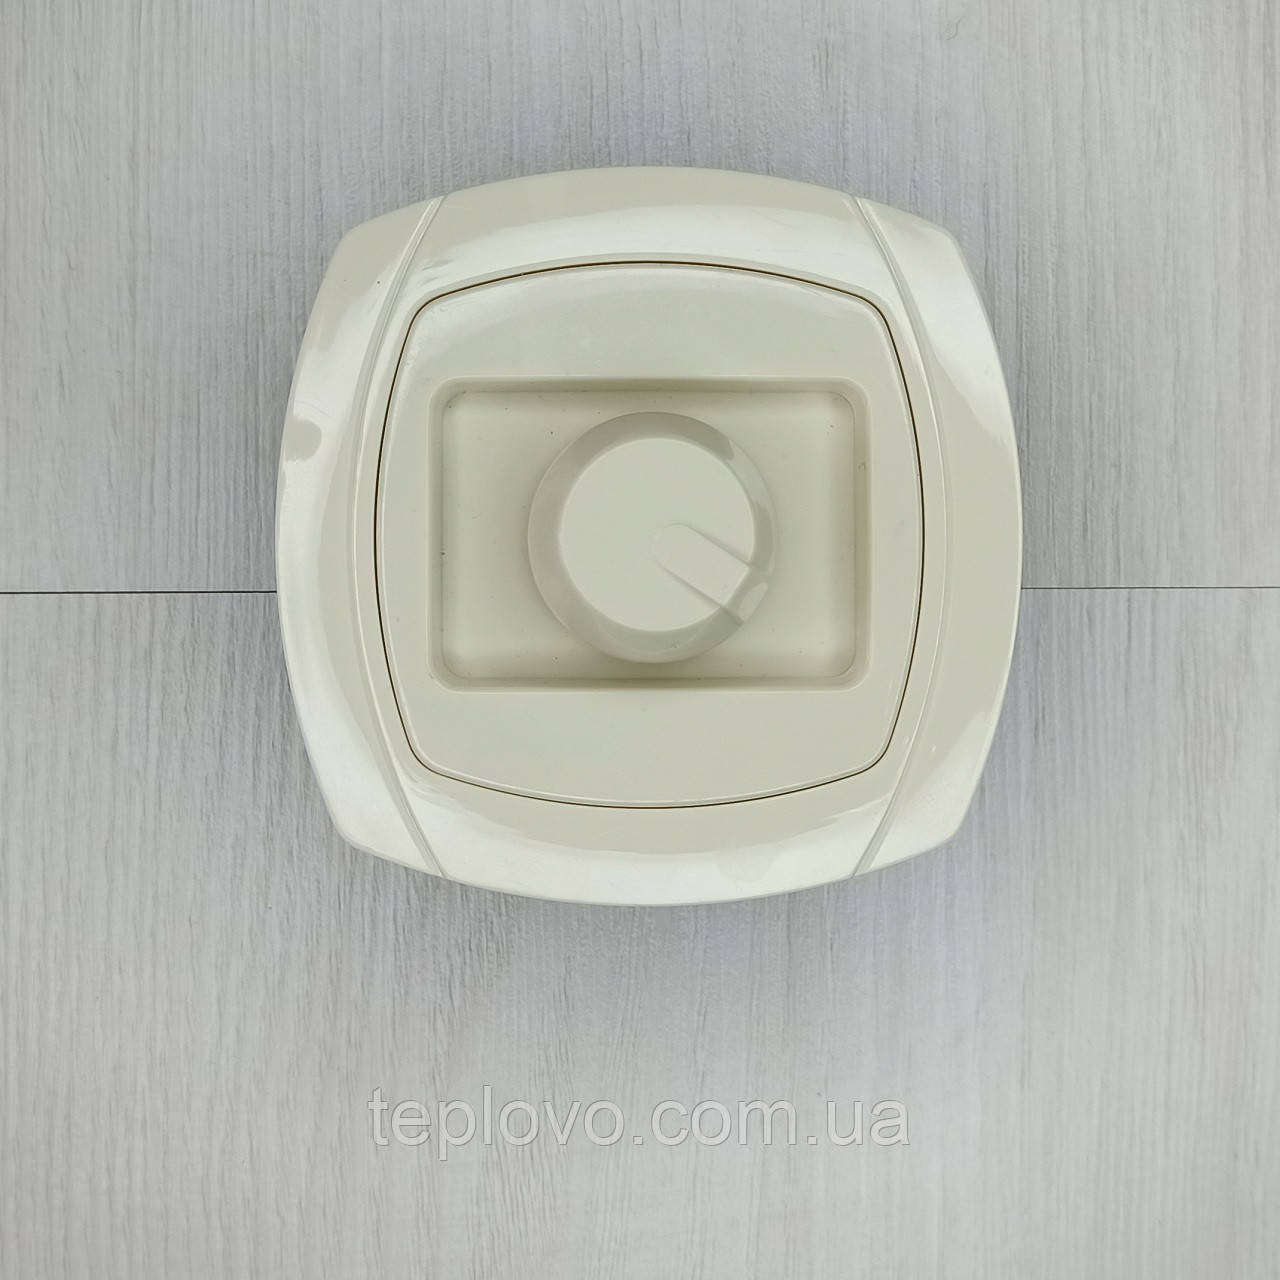 Диммер (реостат) універсальний кремовий, 400 Вт, світлорегулятор